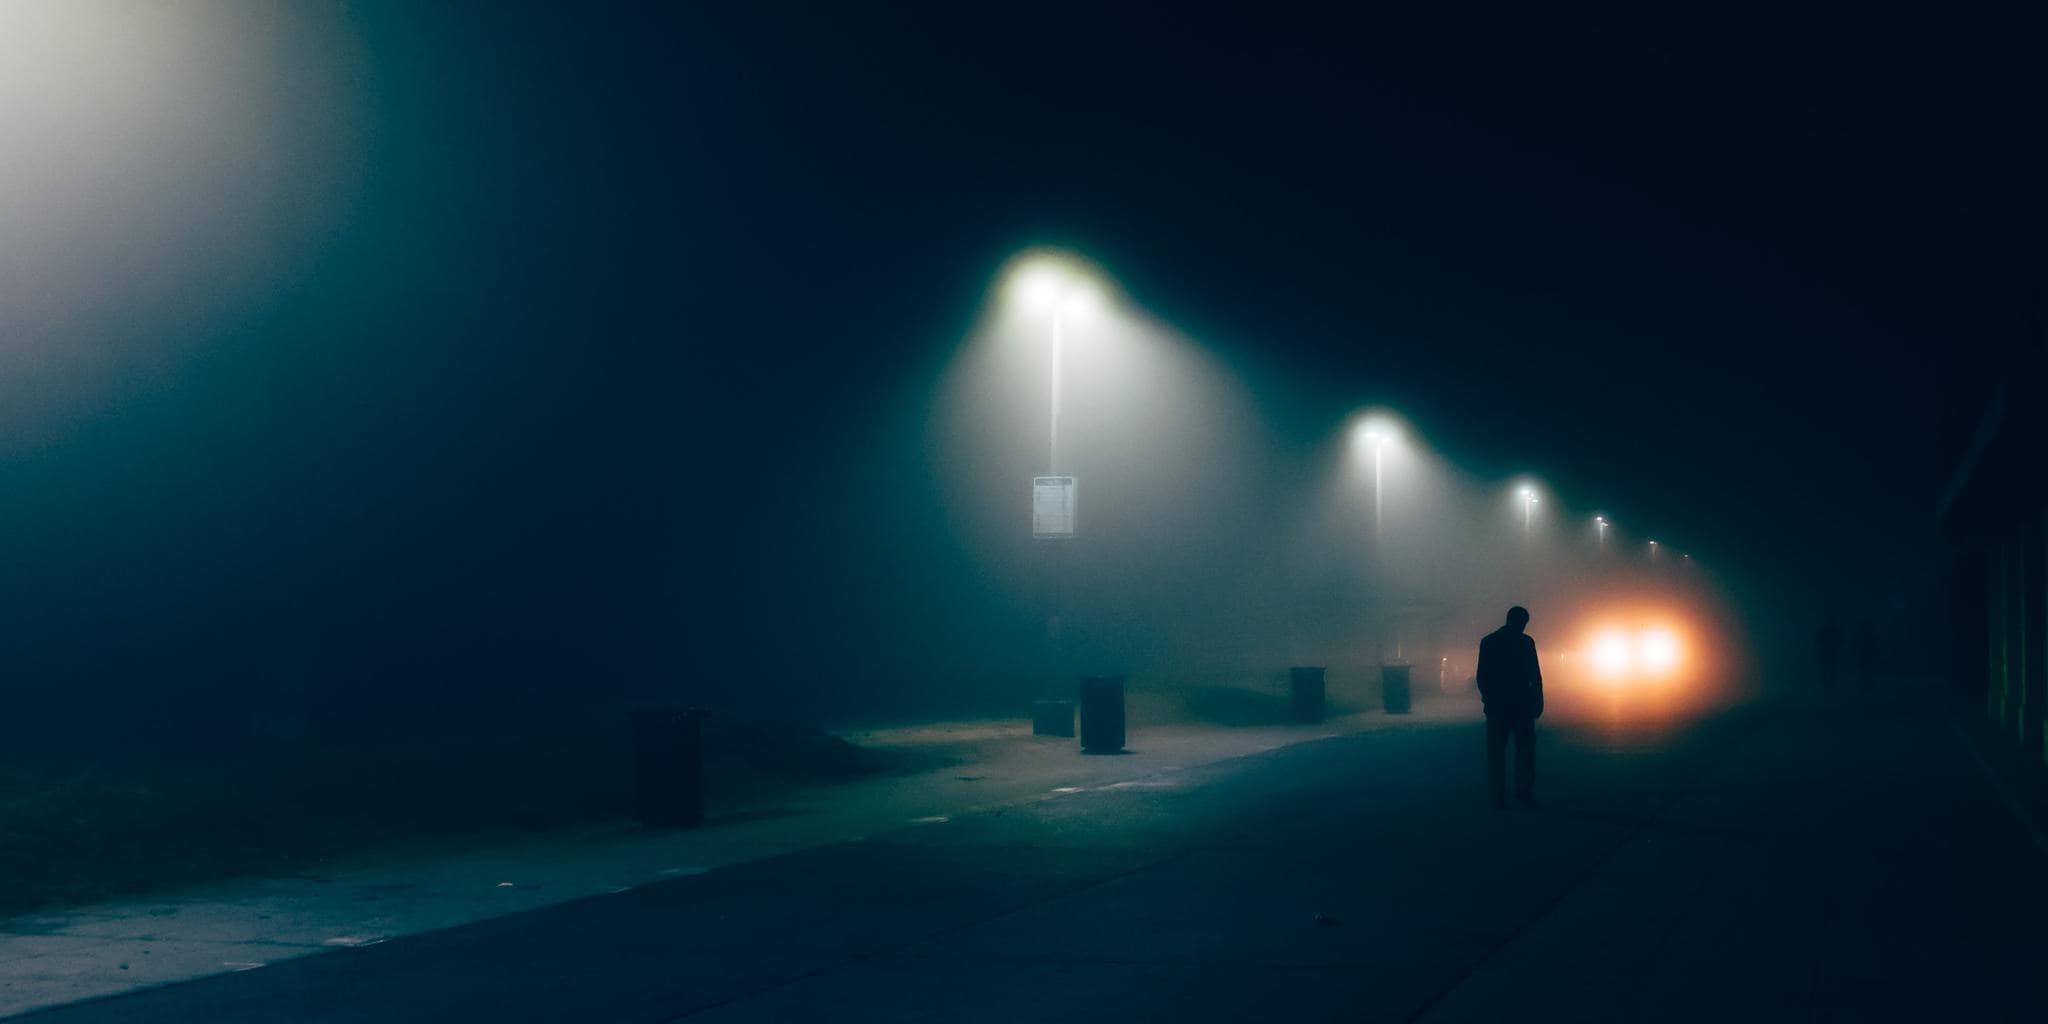 Escena de noche para fotoreto104